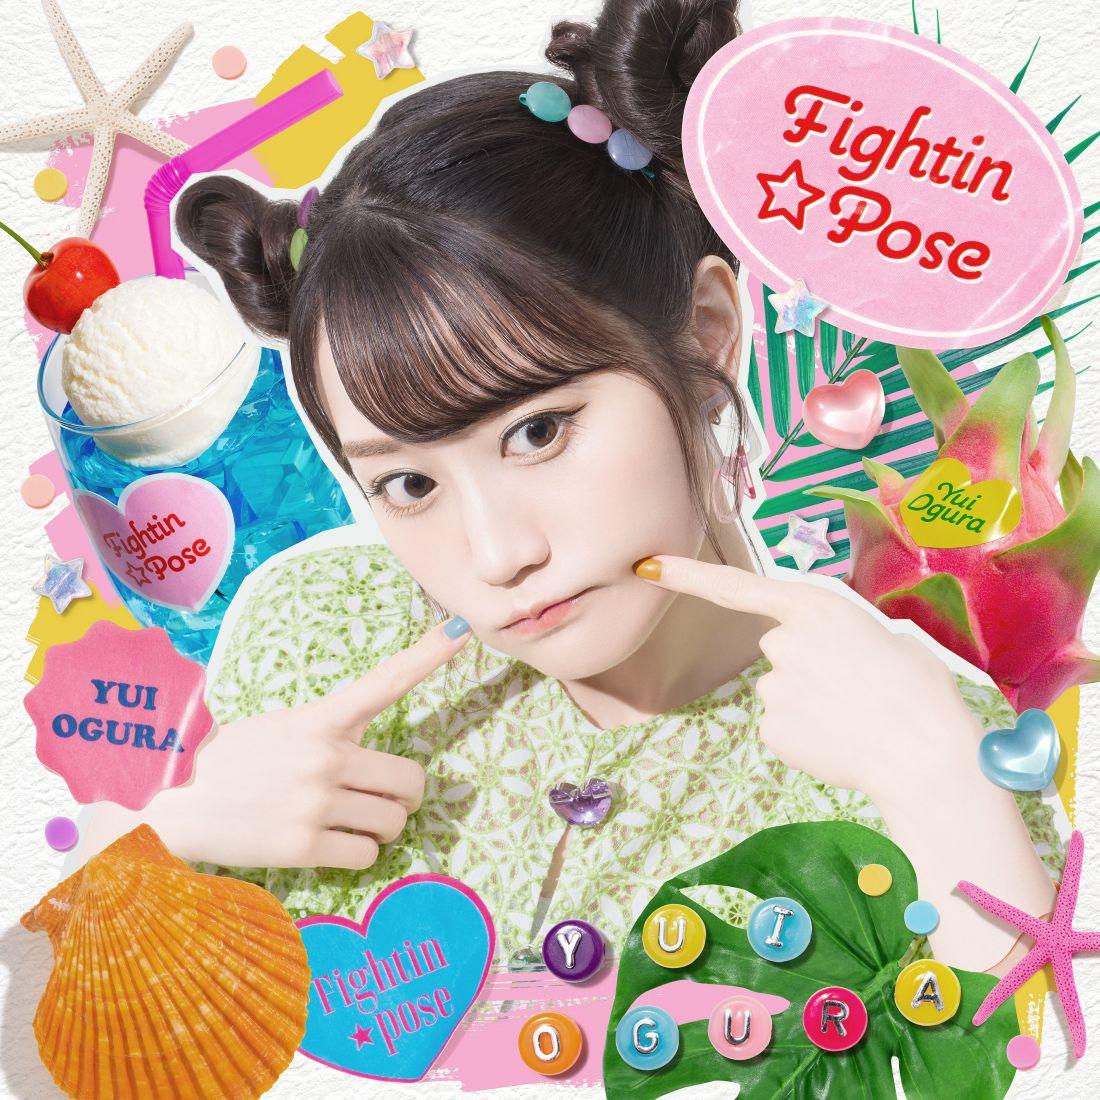 『小倉唯 - Fightin★Pose』収録の『Fightin★Pose』ジャケット